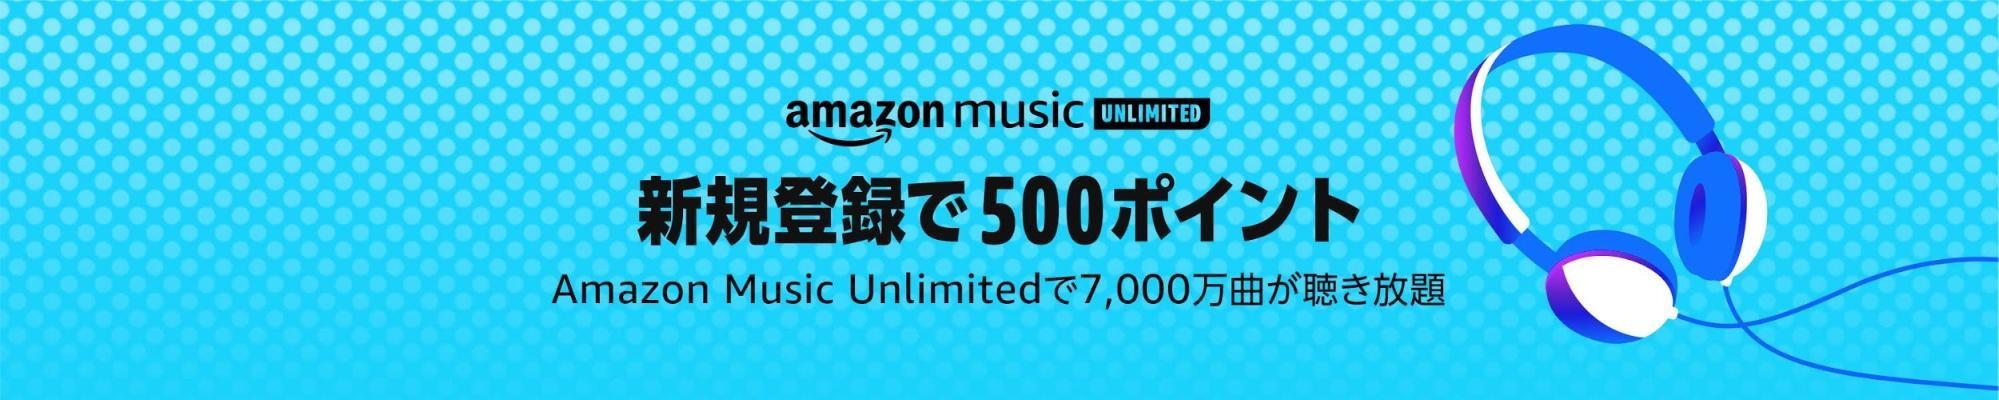 AmazonMusicUnlimitedキャンペーンについて